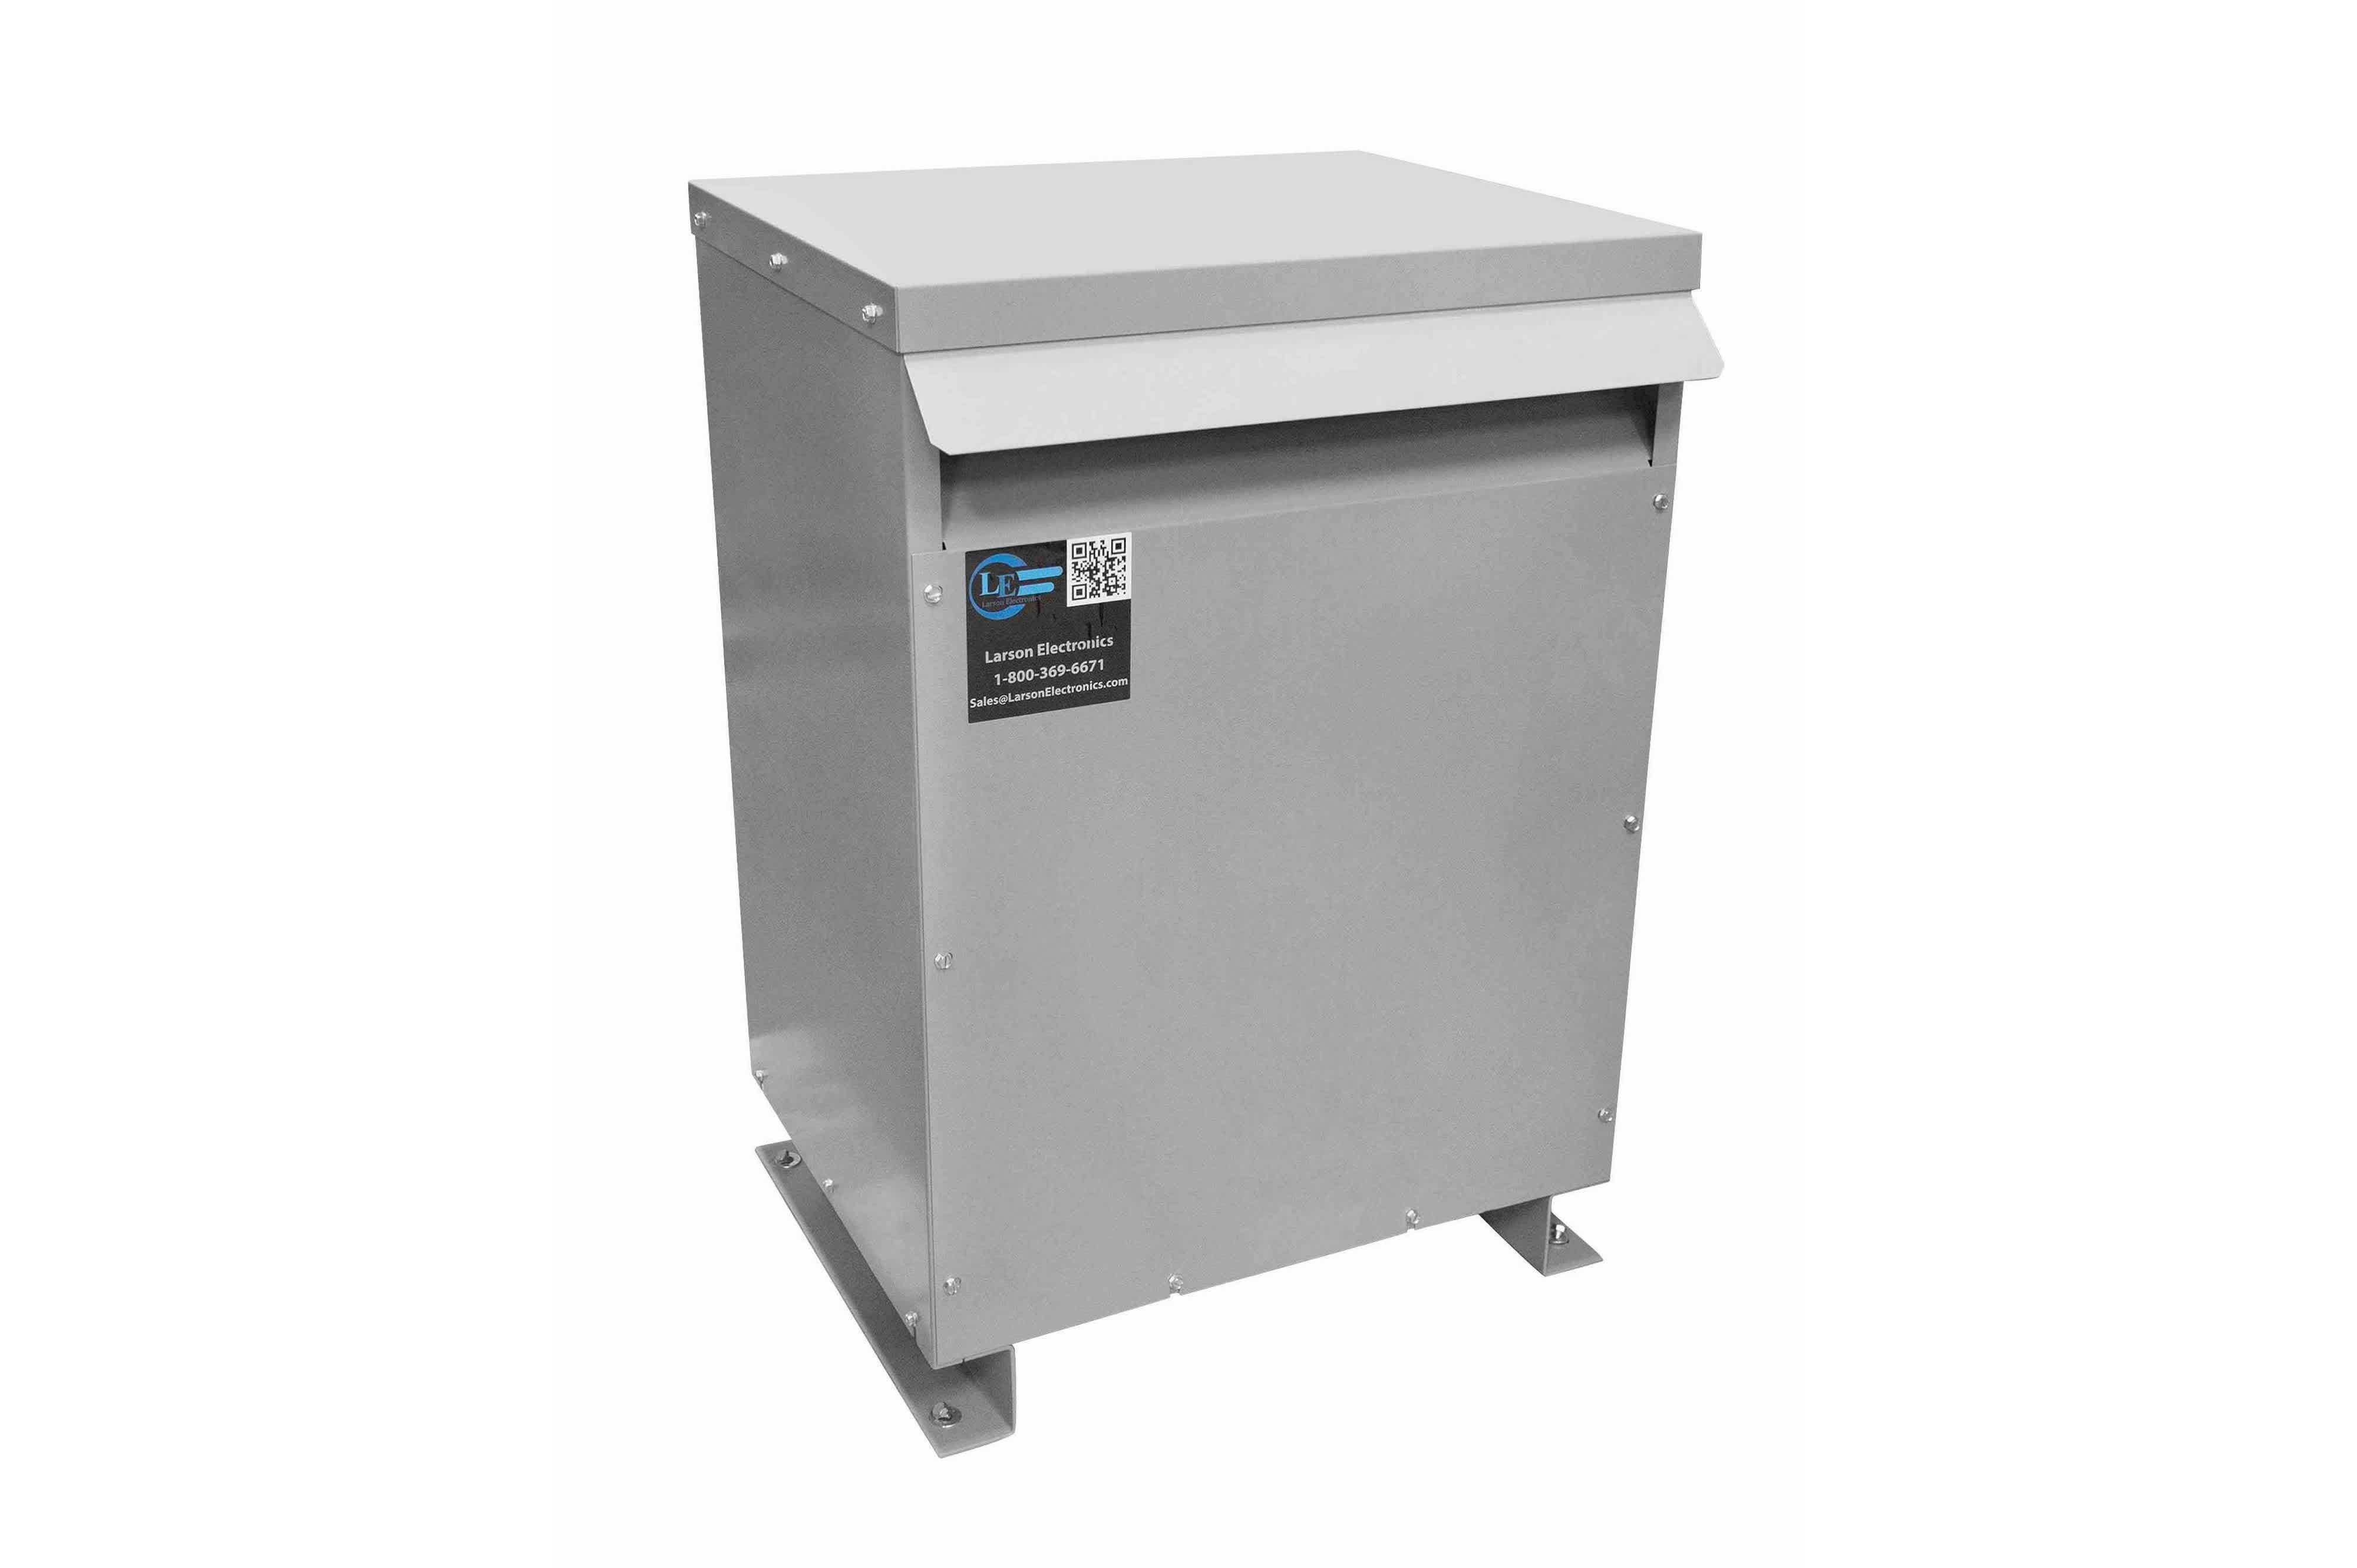 38 kVA 3PH Isolation Transformer, 460V Delta Primary, 575V Delta Secondary, N3R, Ventilated, 60 Hz